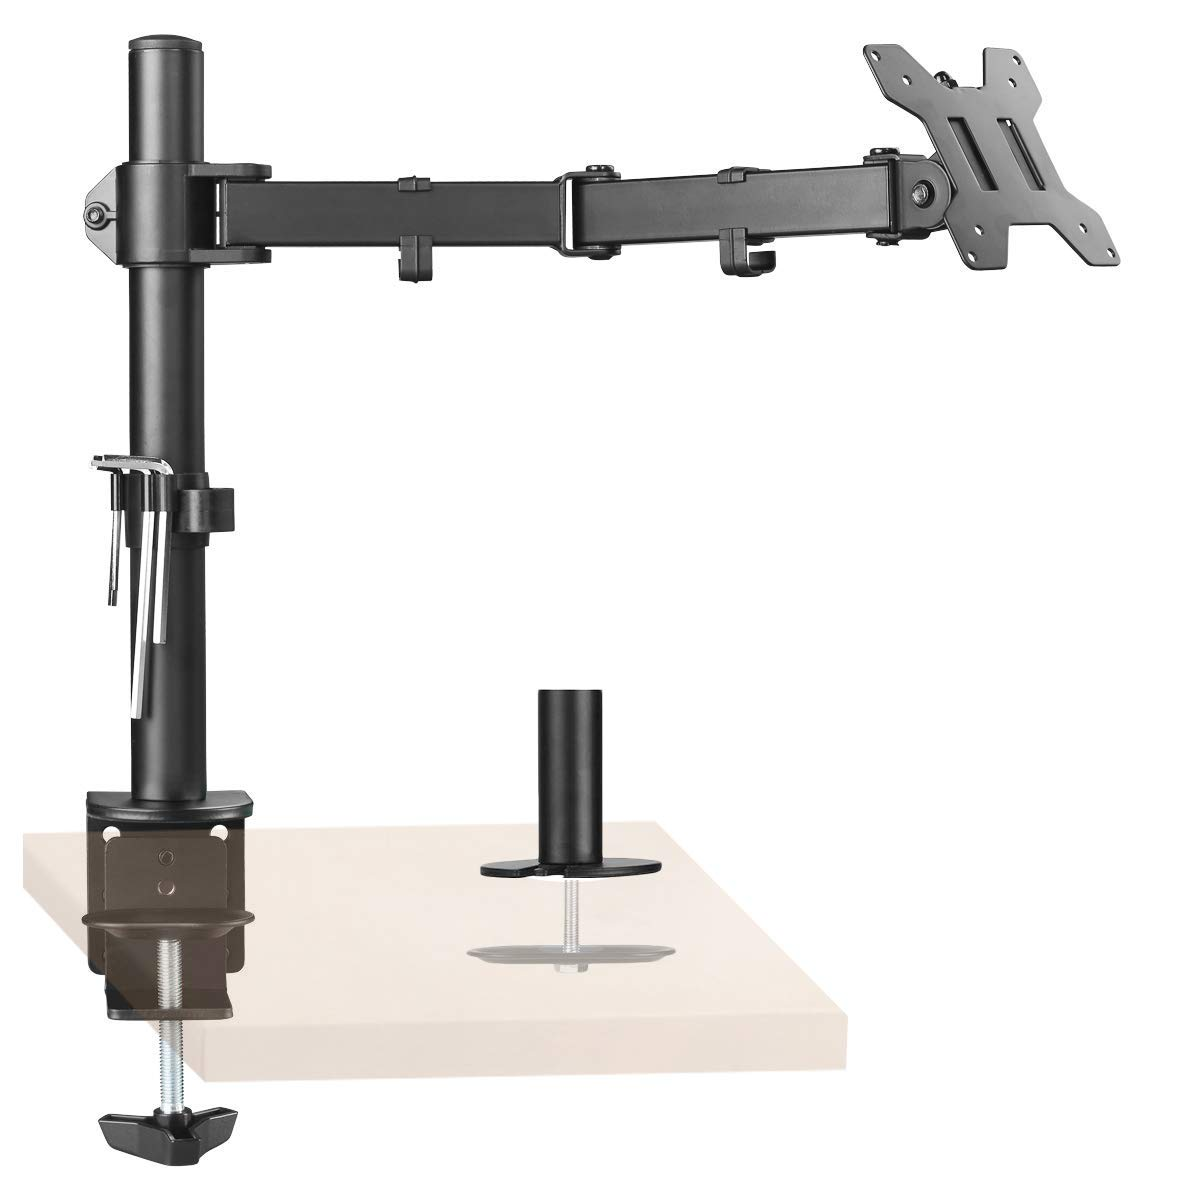 VESA 75//100 Suptek Full Motion Laptop Riser Desk Mount Stand MD6821TP004 up to 22lbs